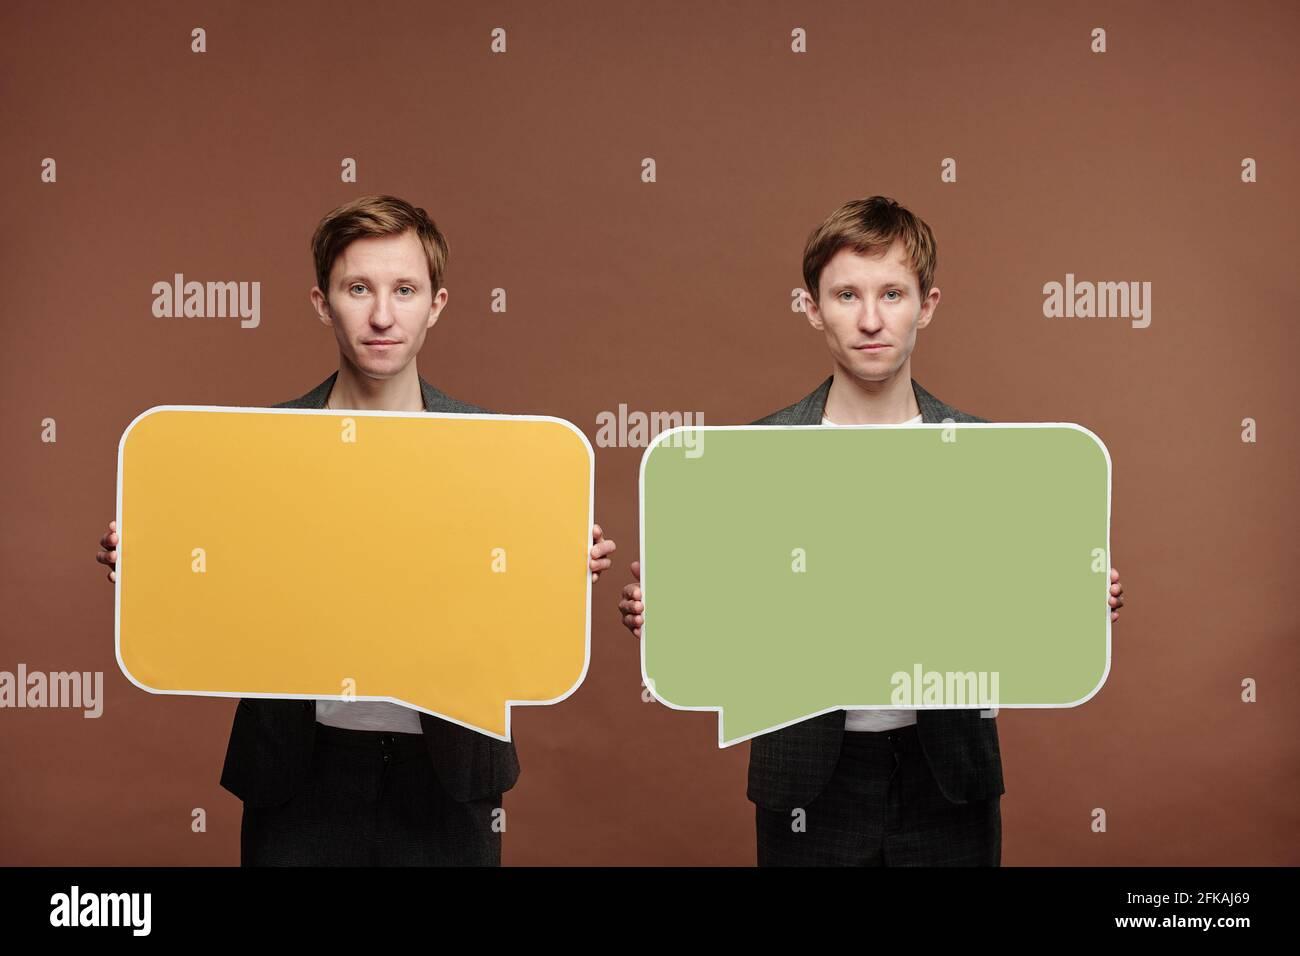 Portrait du contenu frères jumeaux debout sur fond marron et contient des étiquettes à bulles de parole colorées Banque D'Images